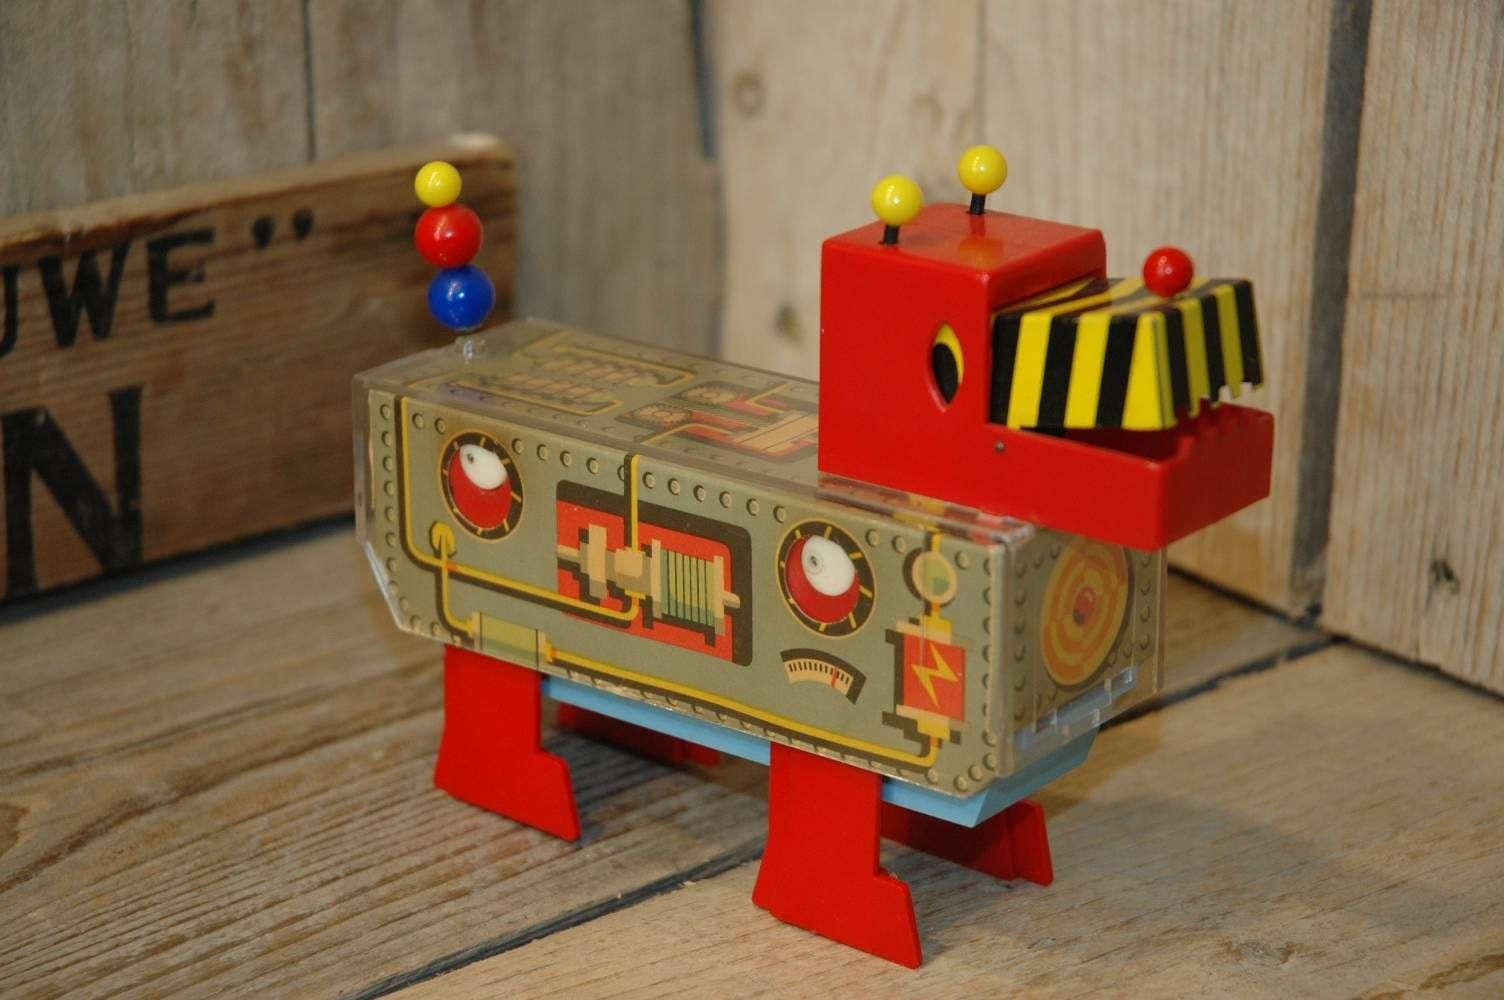 Ites - Pluto Robot Dog AJ 2035